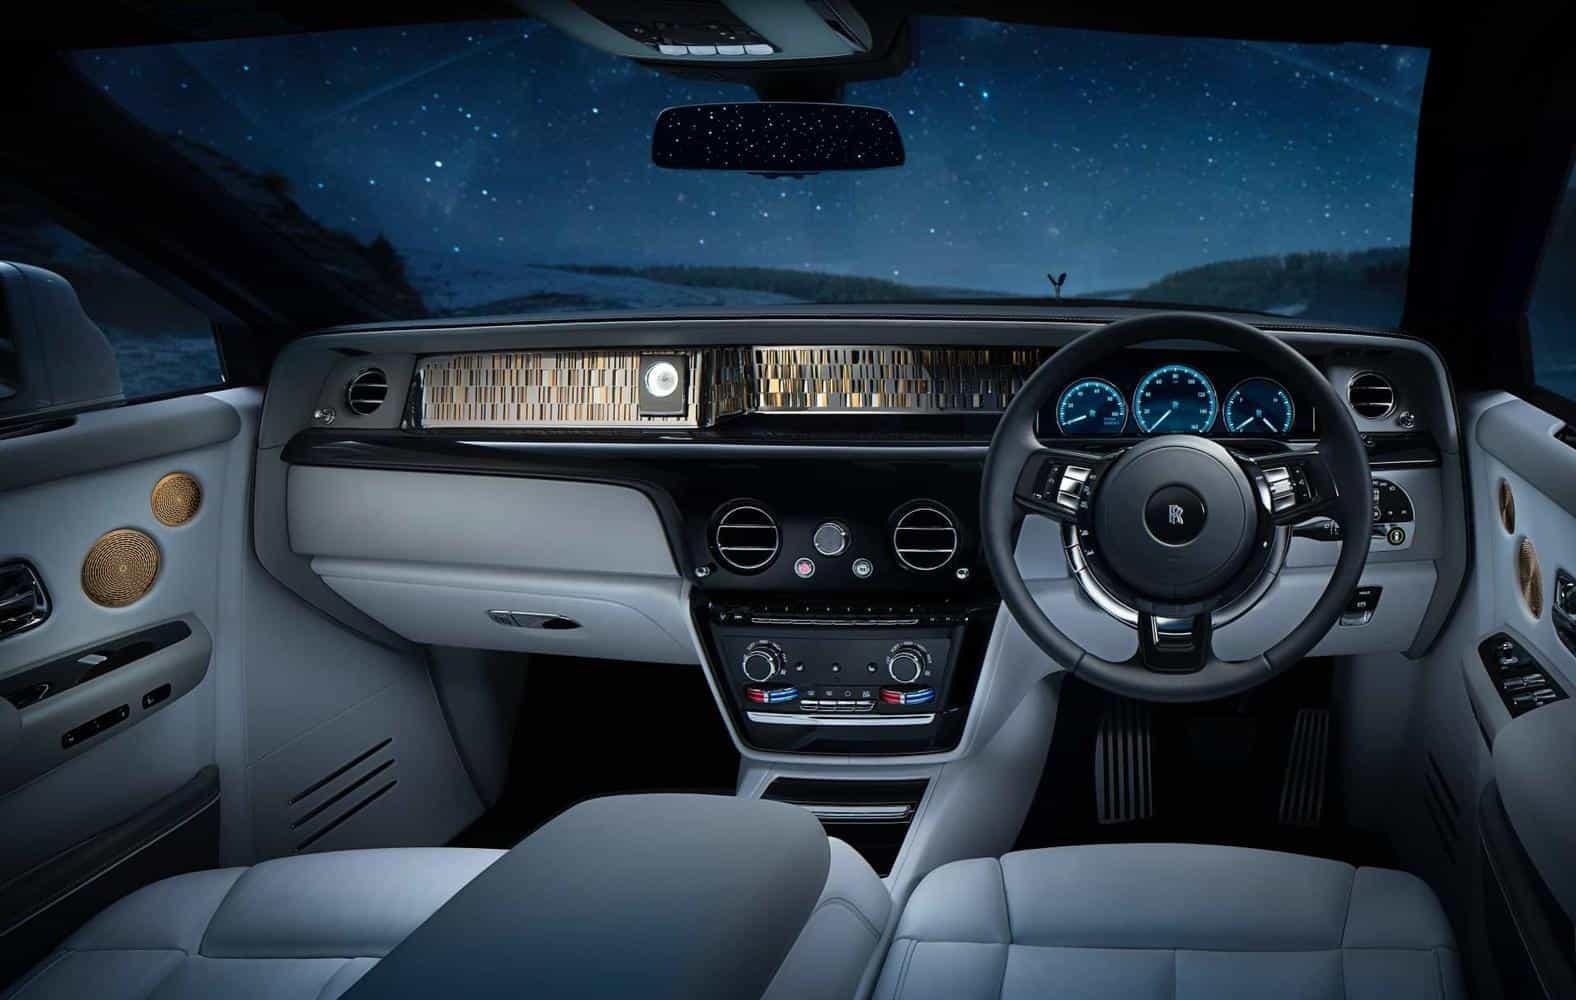 Rolls-Royce Phantom Tranquillity are bucăți de meteorit și aur de 24k la interior